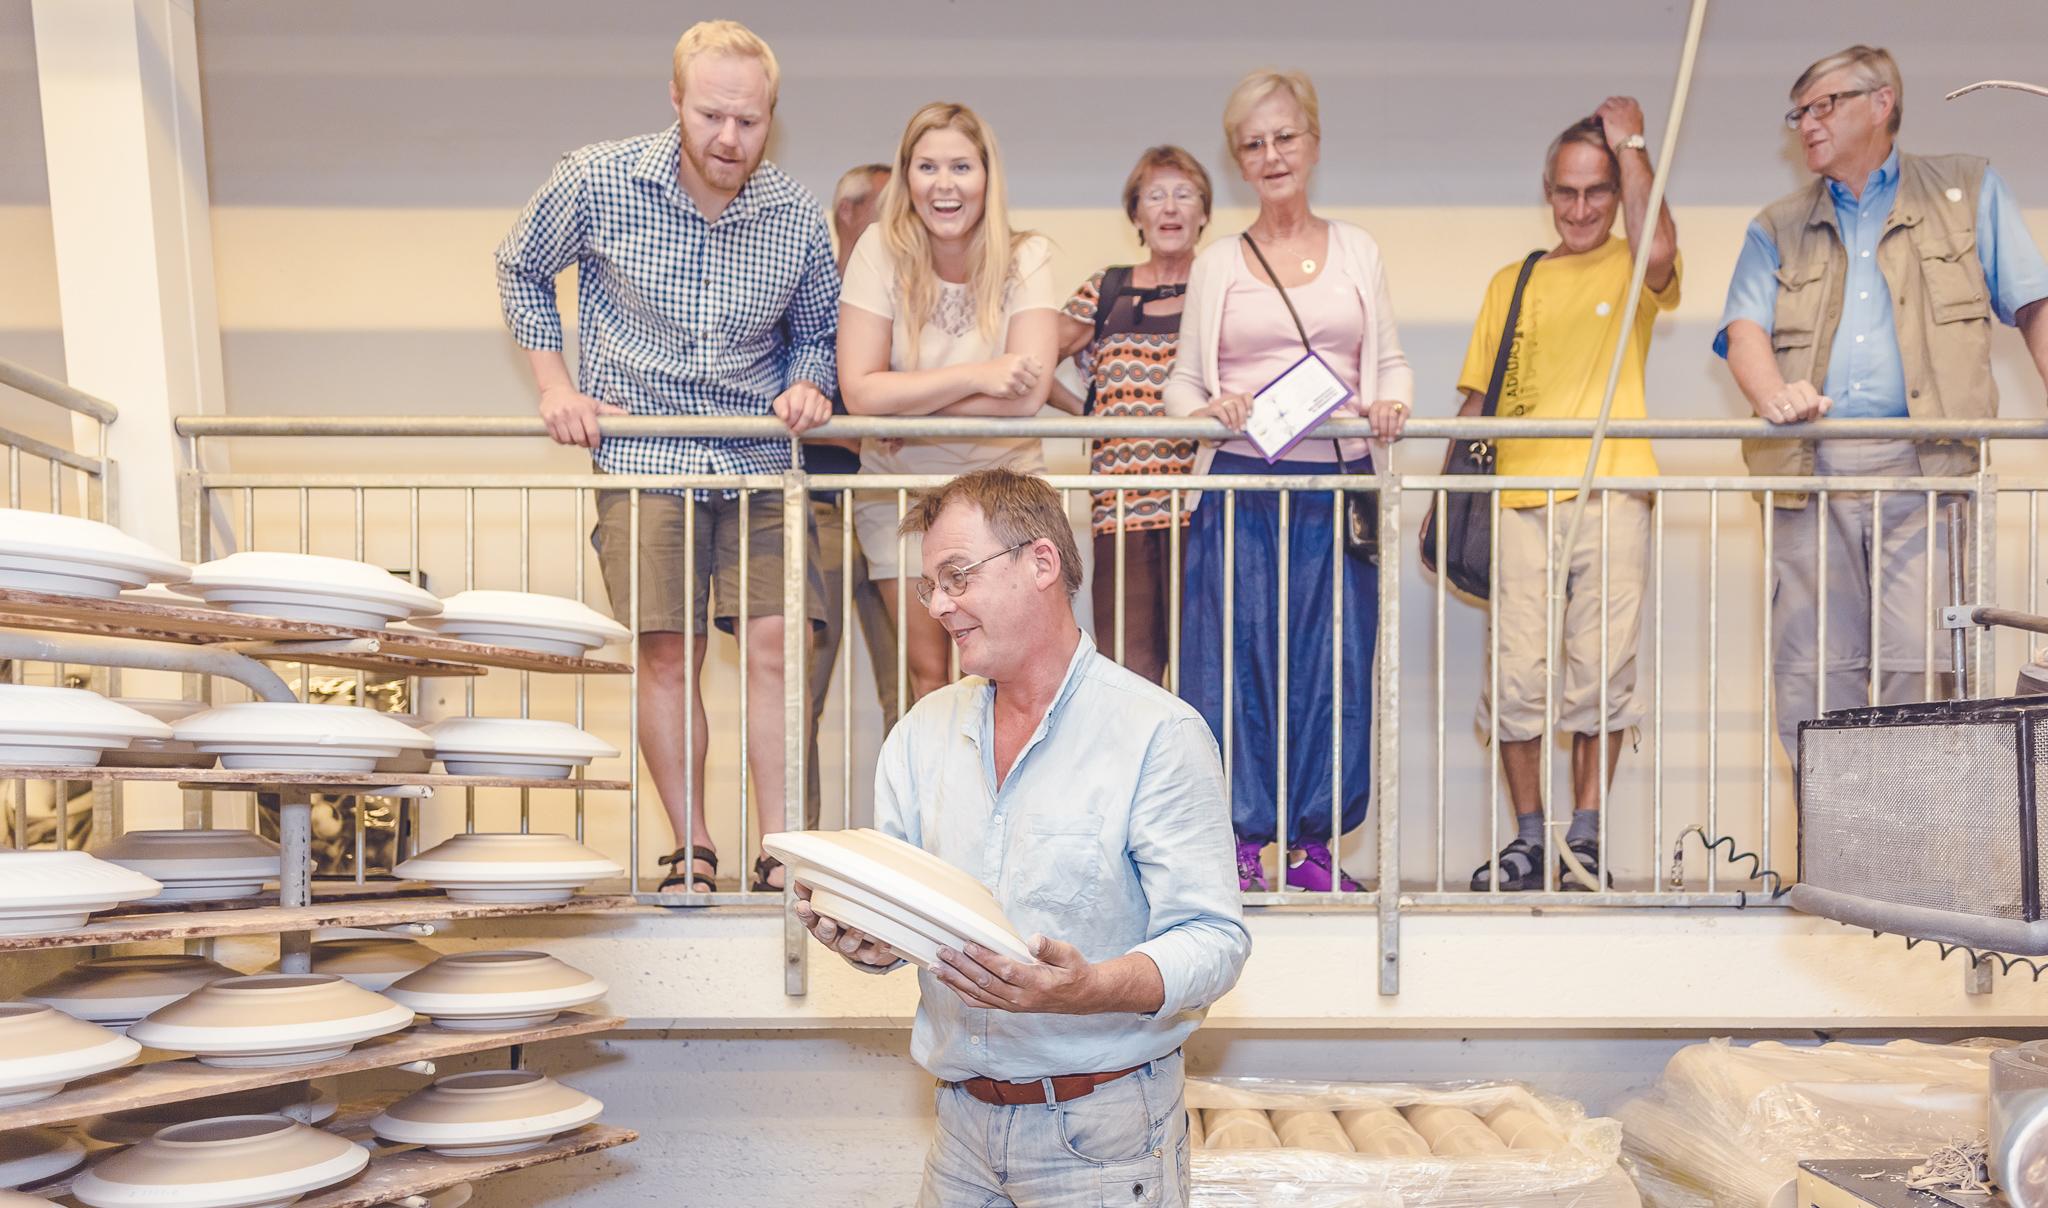 """Porsgrunds Porselænsfabrik i full produksjon. Se hvordan det """"hvite gull"""" produseres, © VisitGrenland"""